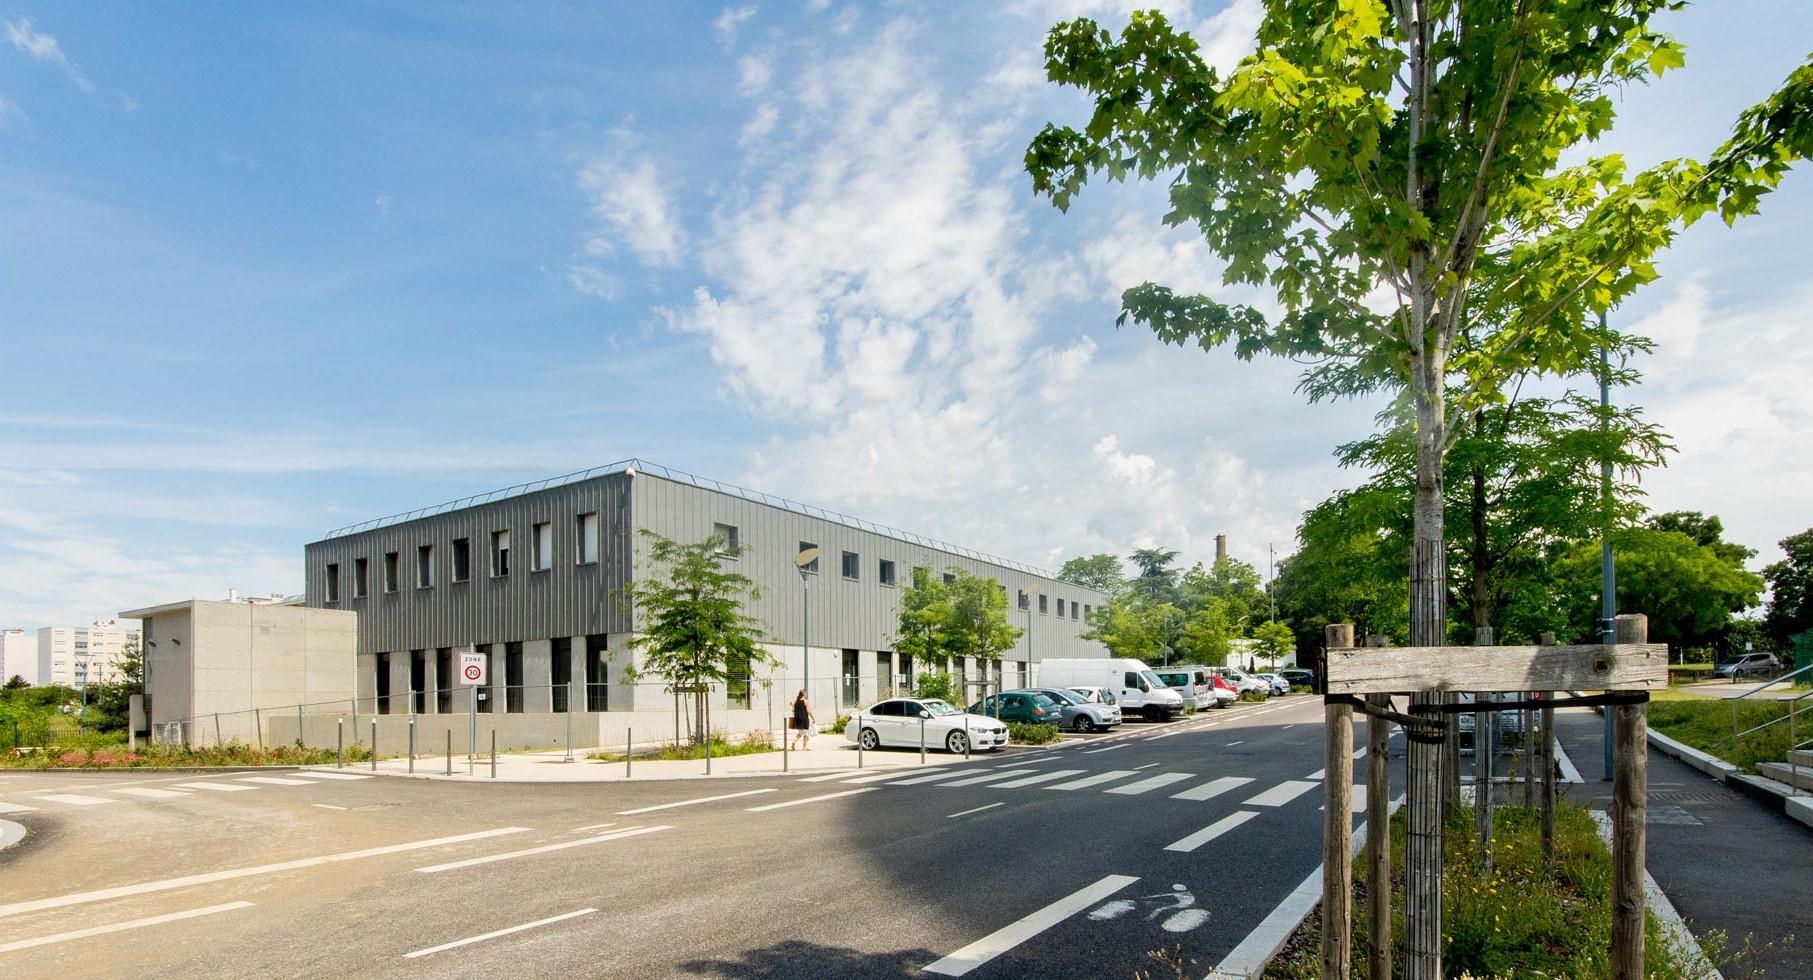 Maison des services publics Vénissy